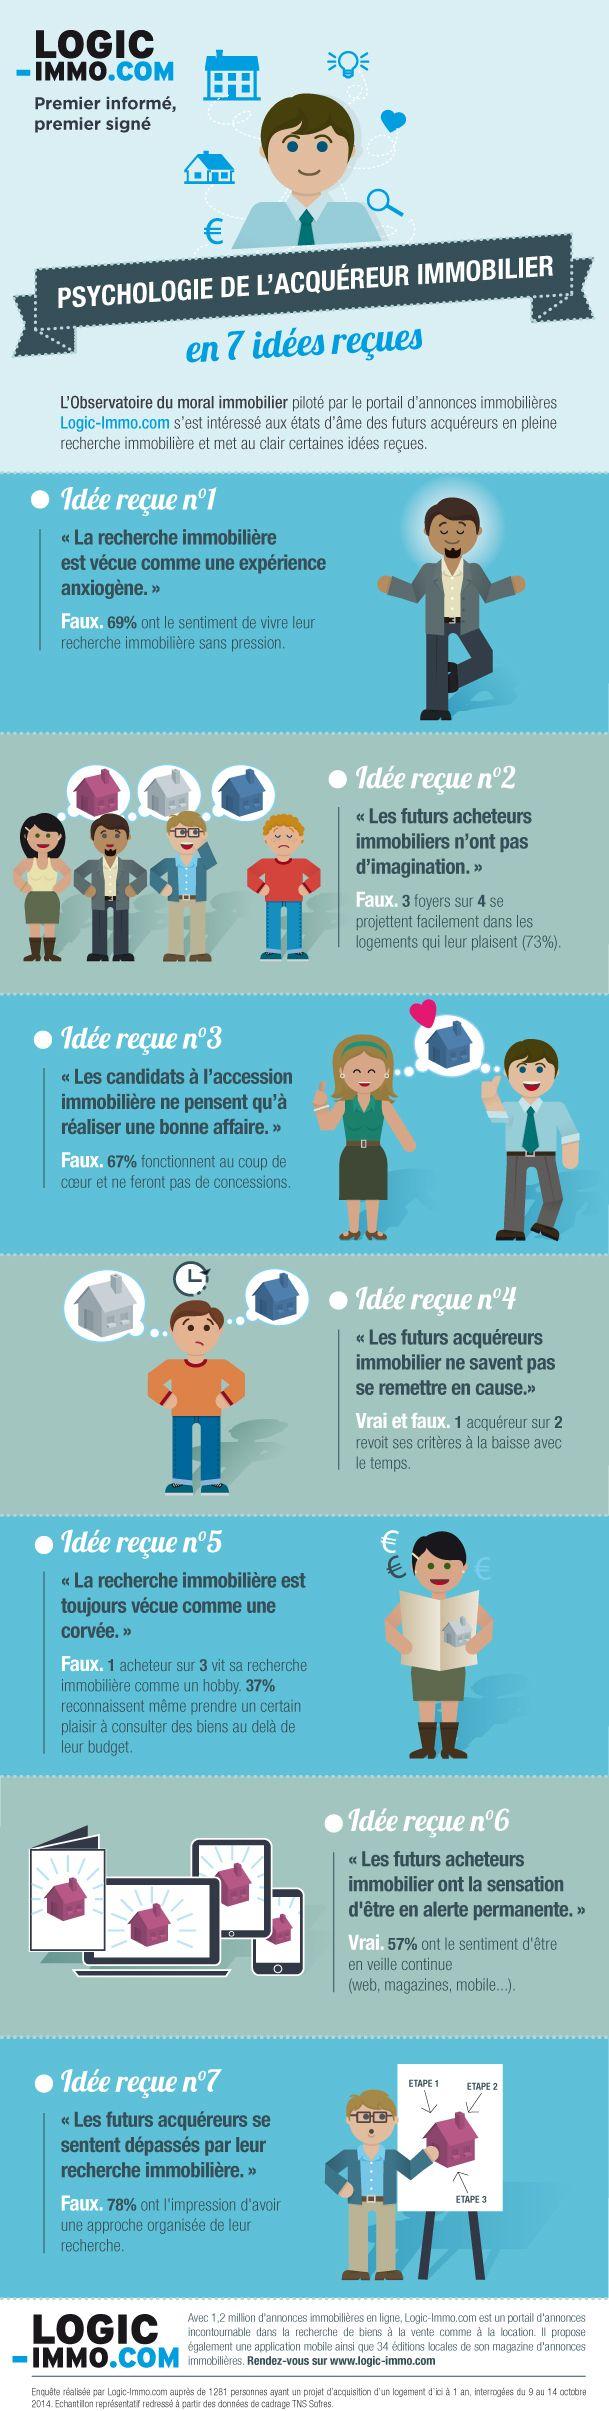 #Immobilier Psychologie de l' #acquéreur immobilier, les 7 idées reçues ! #Infographieimmobilier